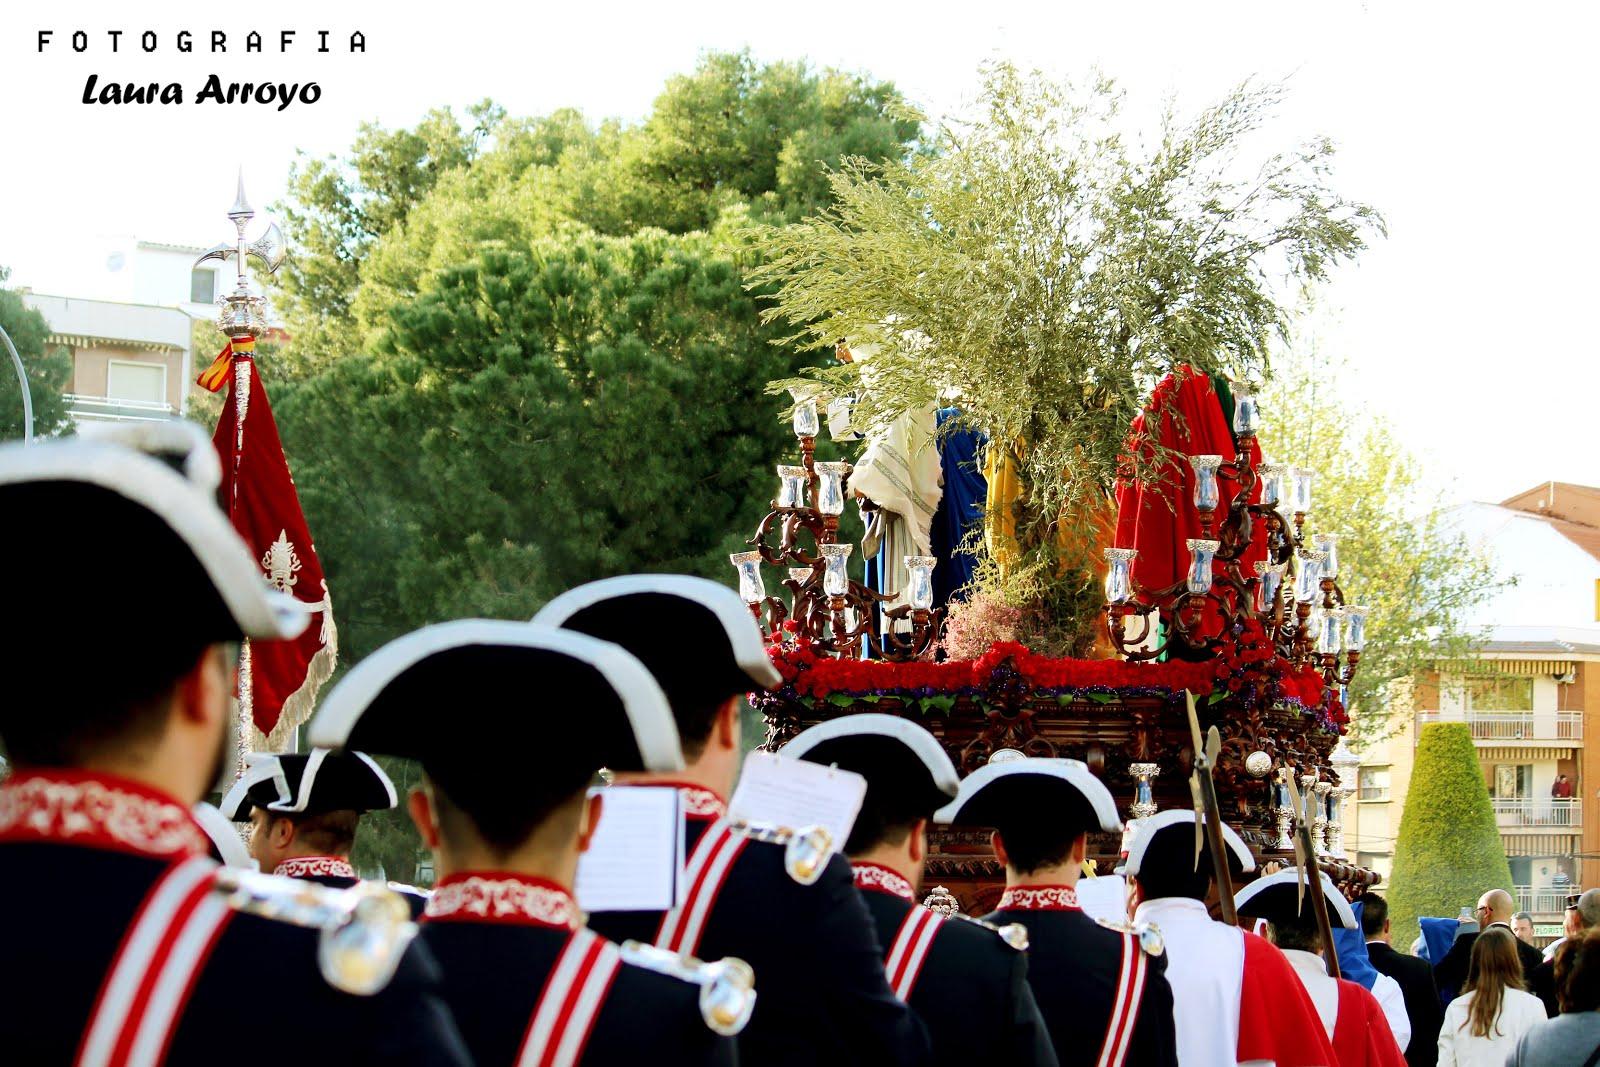 3º Premio en el II Concurso Fotográfico Nacional Santo Tomás de Villanueva. 2017